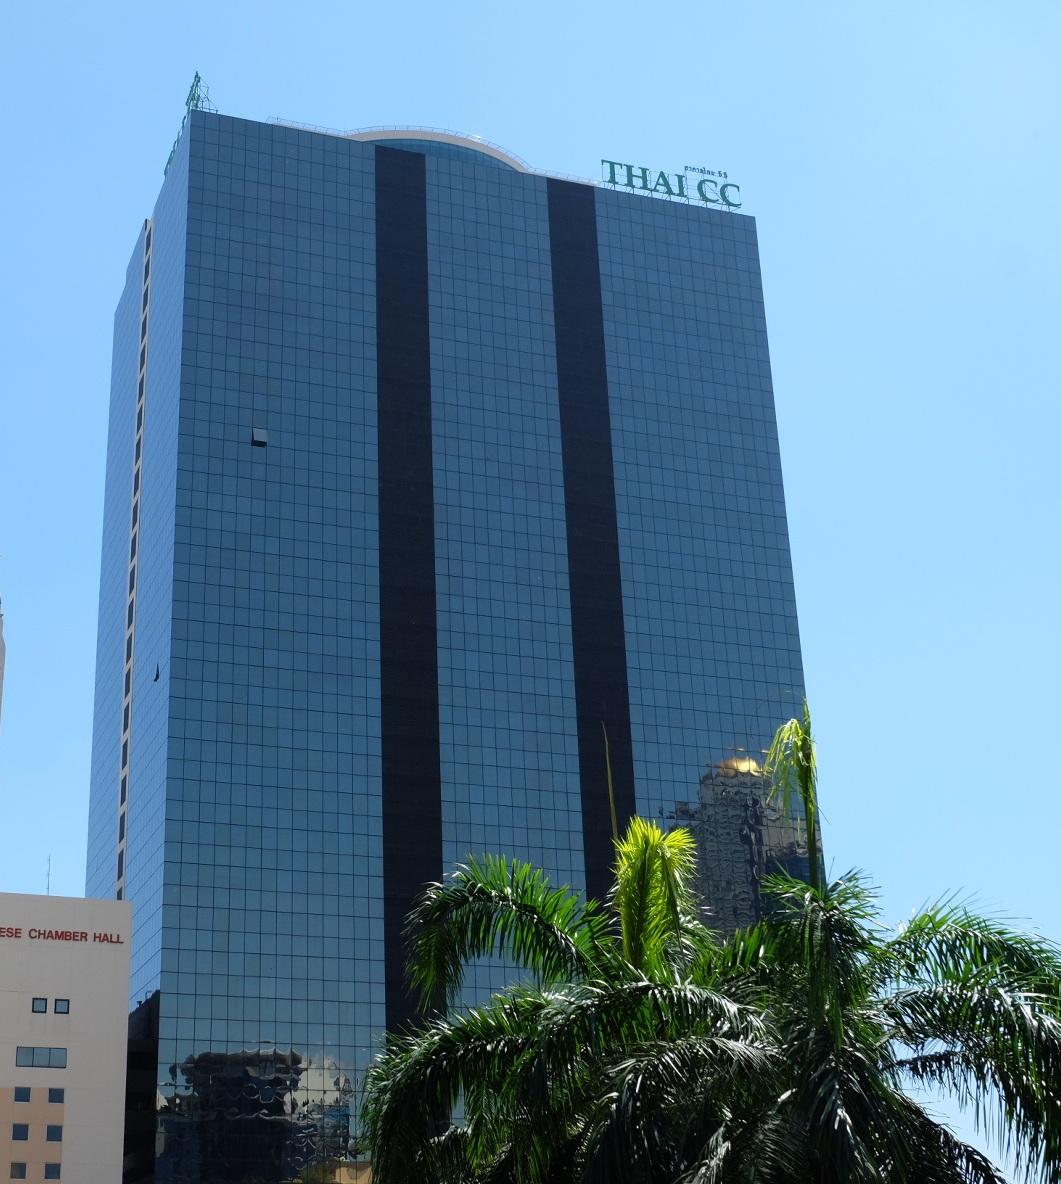 THAI CC Tower